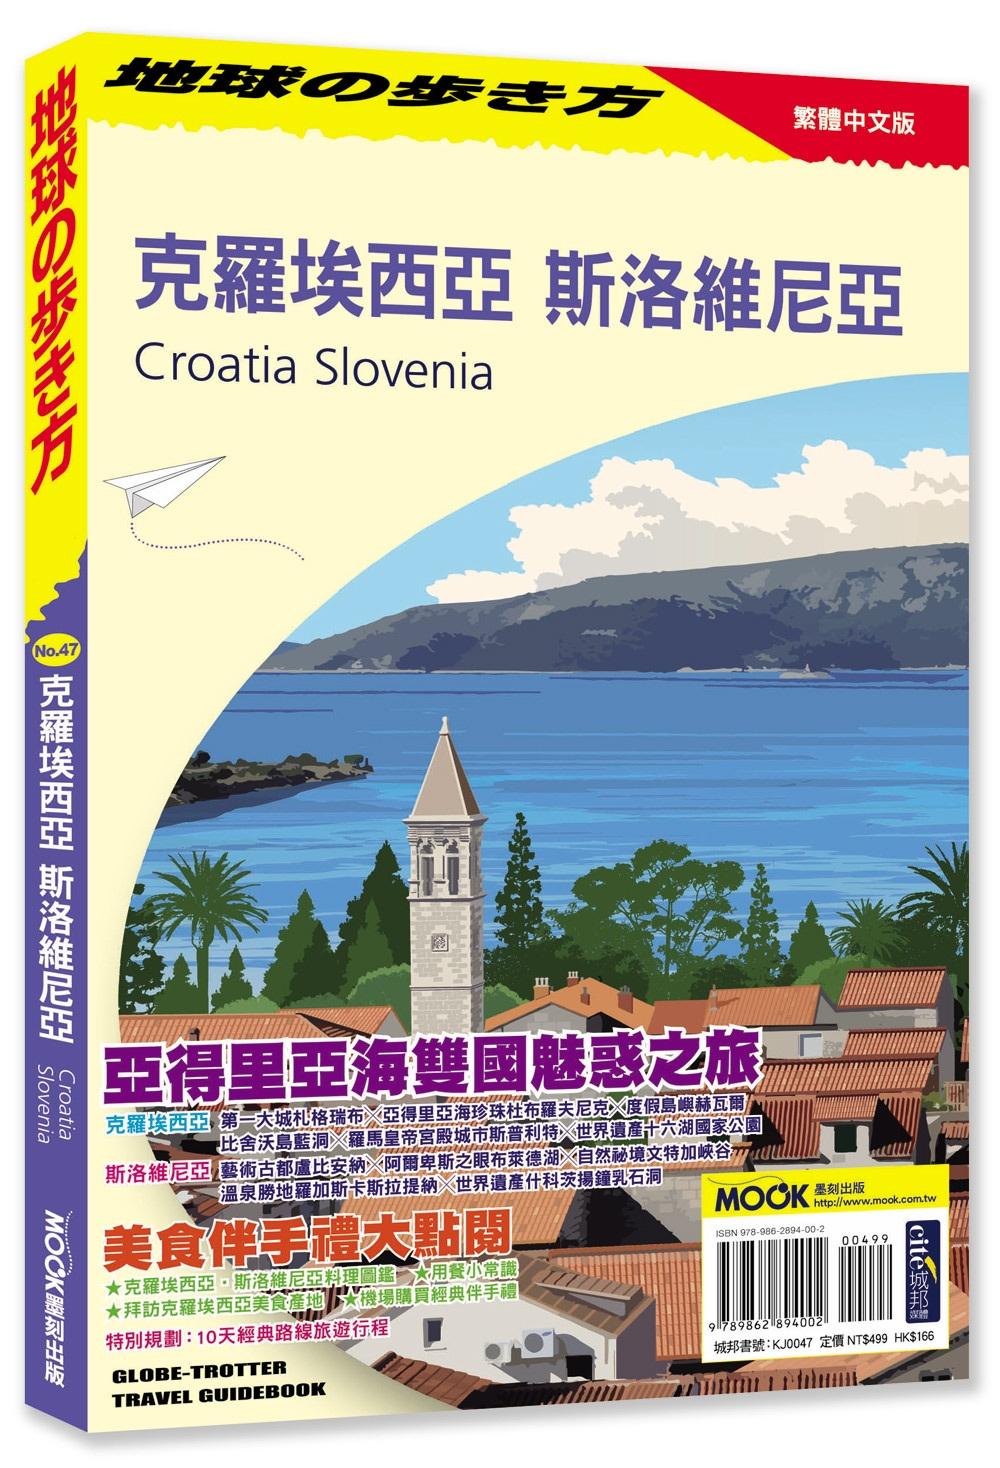 ◤博客來BOOKS◢ 暢銷書榜《推薦》克羅埃西亞 斯洛維尼亞